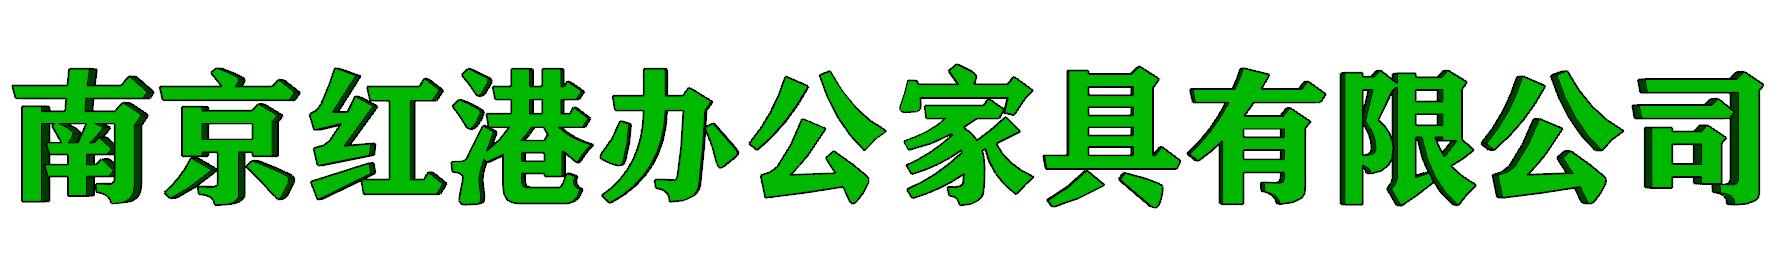 南京紅港辦公家具有限公司